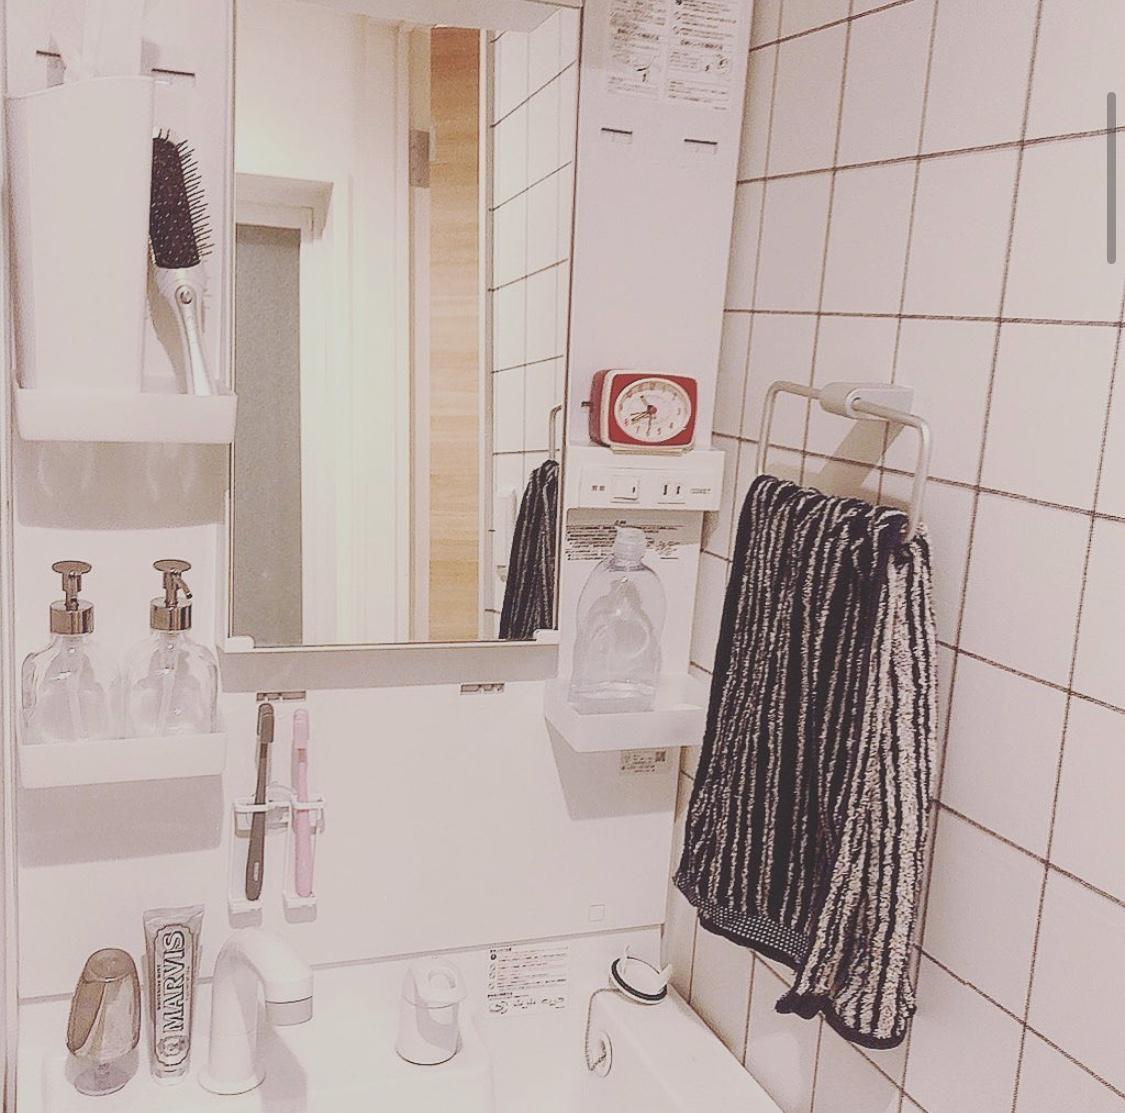 【賃貸インテリア】ふつうの独立洗面台でも諦めない!壁紙をチェンジしておしゃれにアップデートしてみた。_1